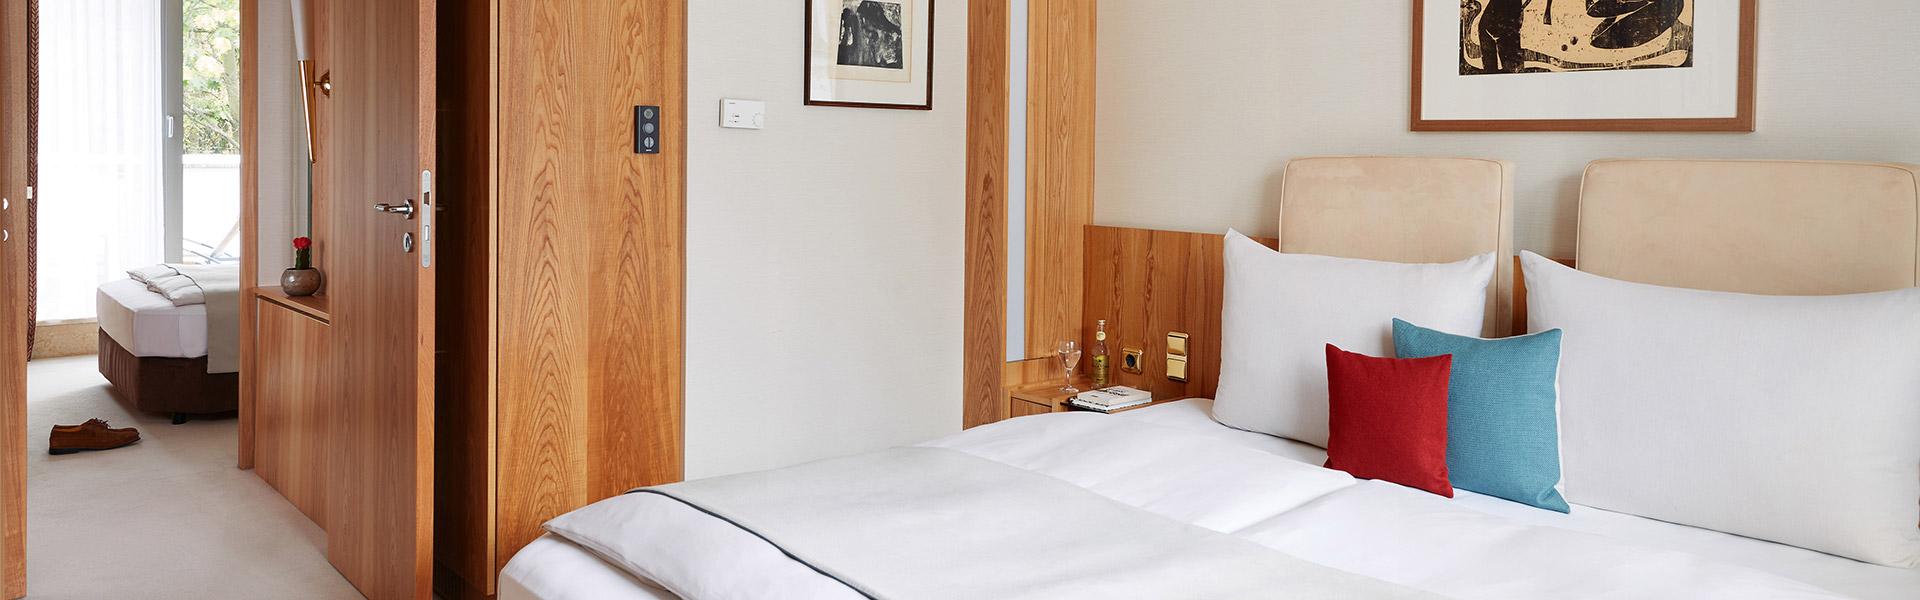 Living Hotel Kanzler Bonn Zimmer Serviced Apartments Zimmer